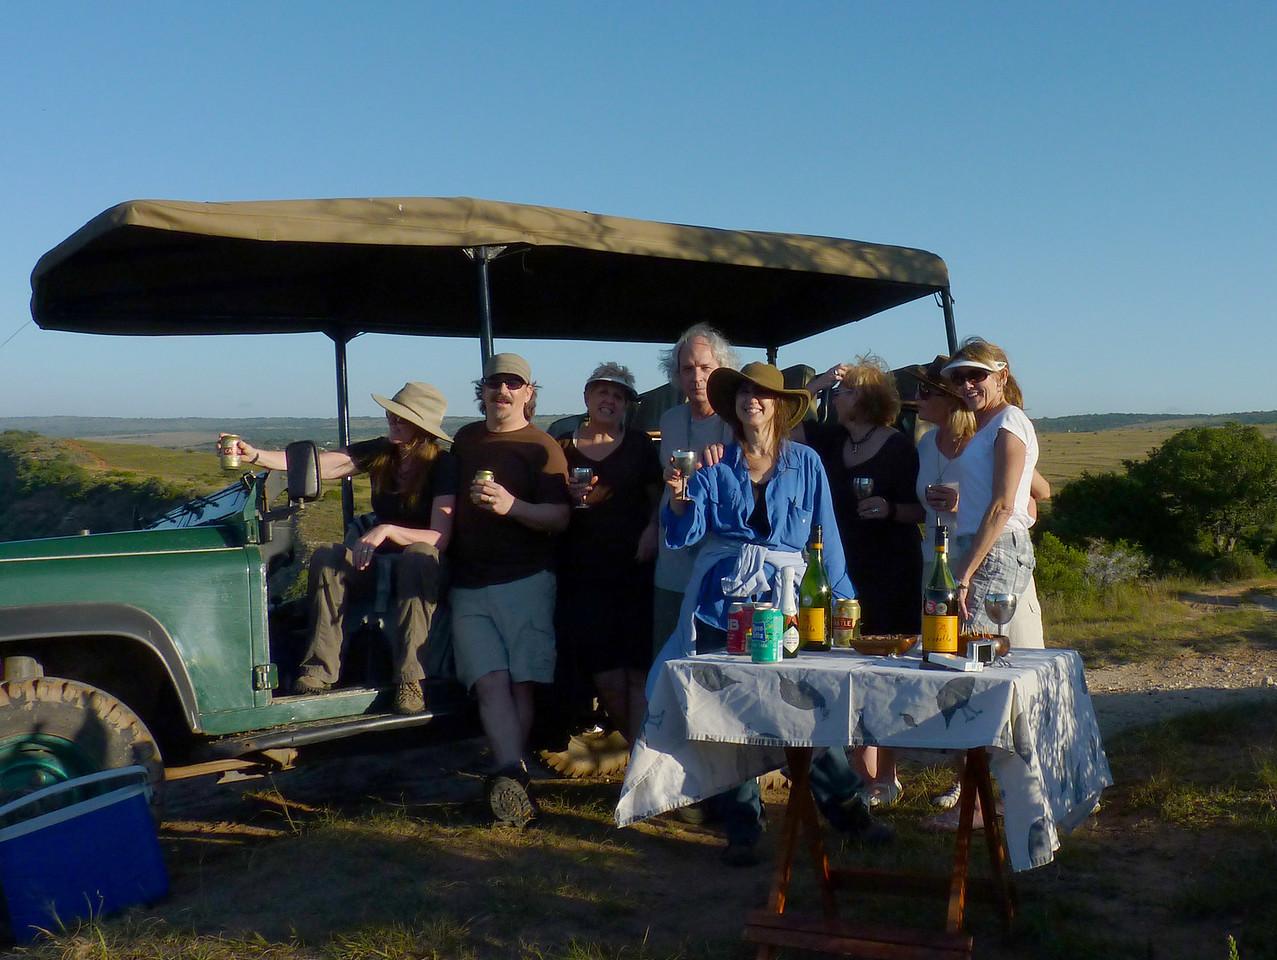 Life is good. The safari gang.